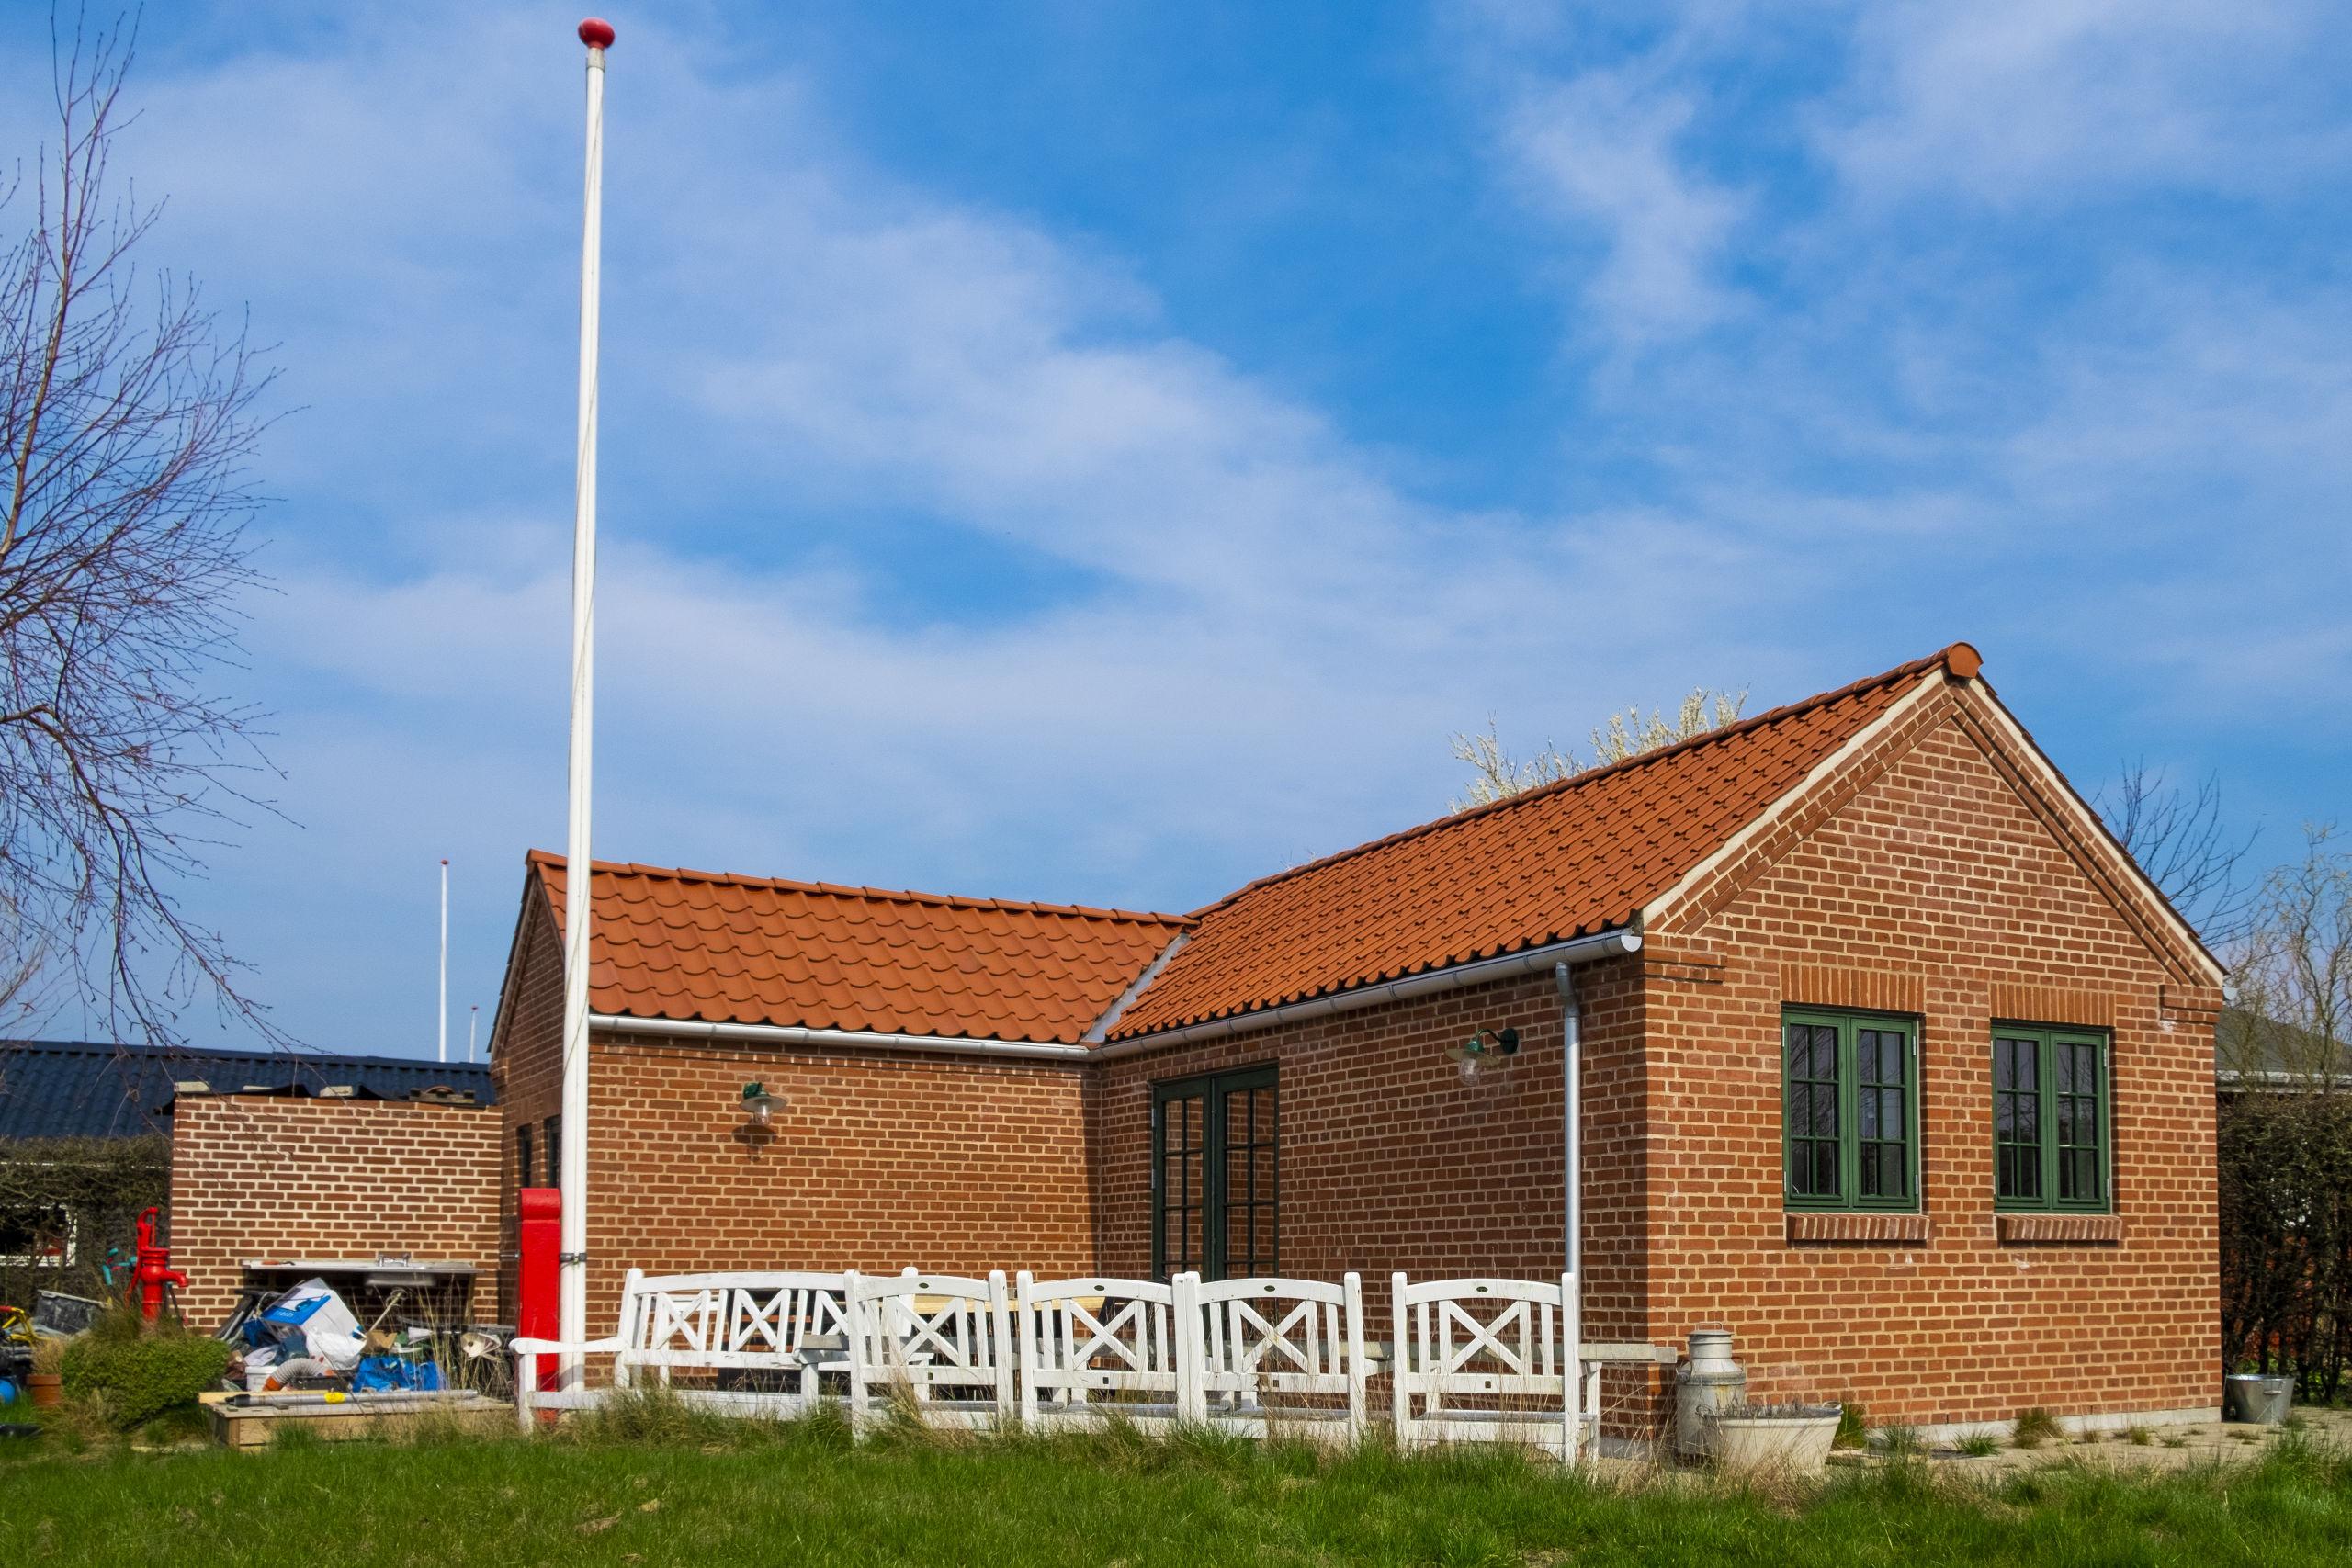 Traditionelt er kolonihaverne bygget i træ - men der er også eksempler på huse i andre materialer. Foto: Lasse Sand